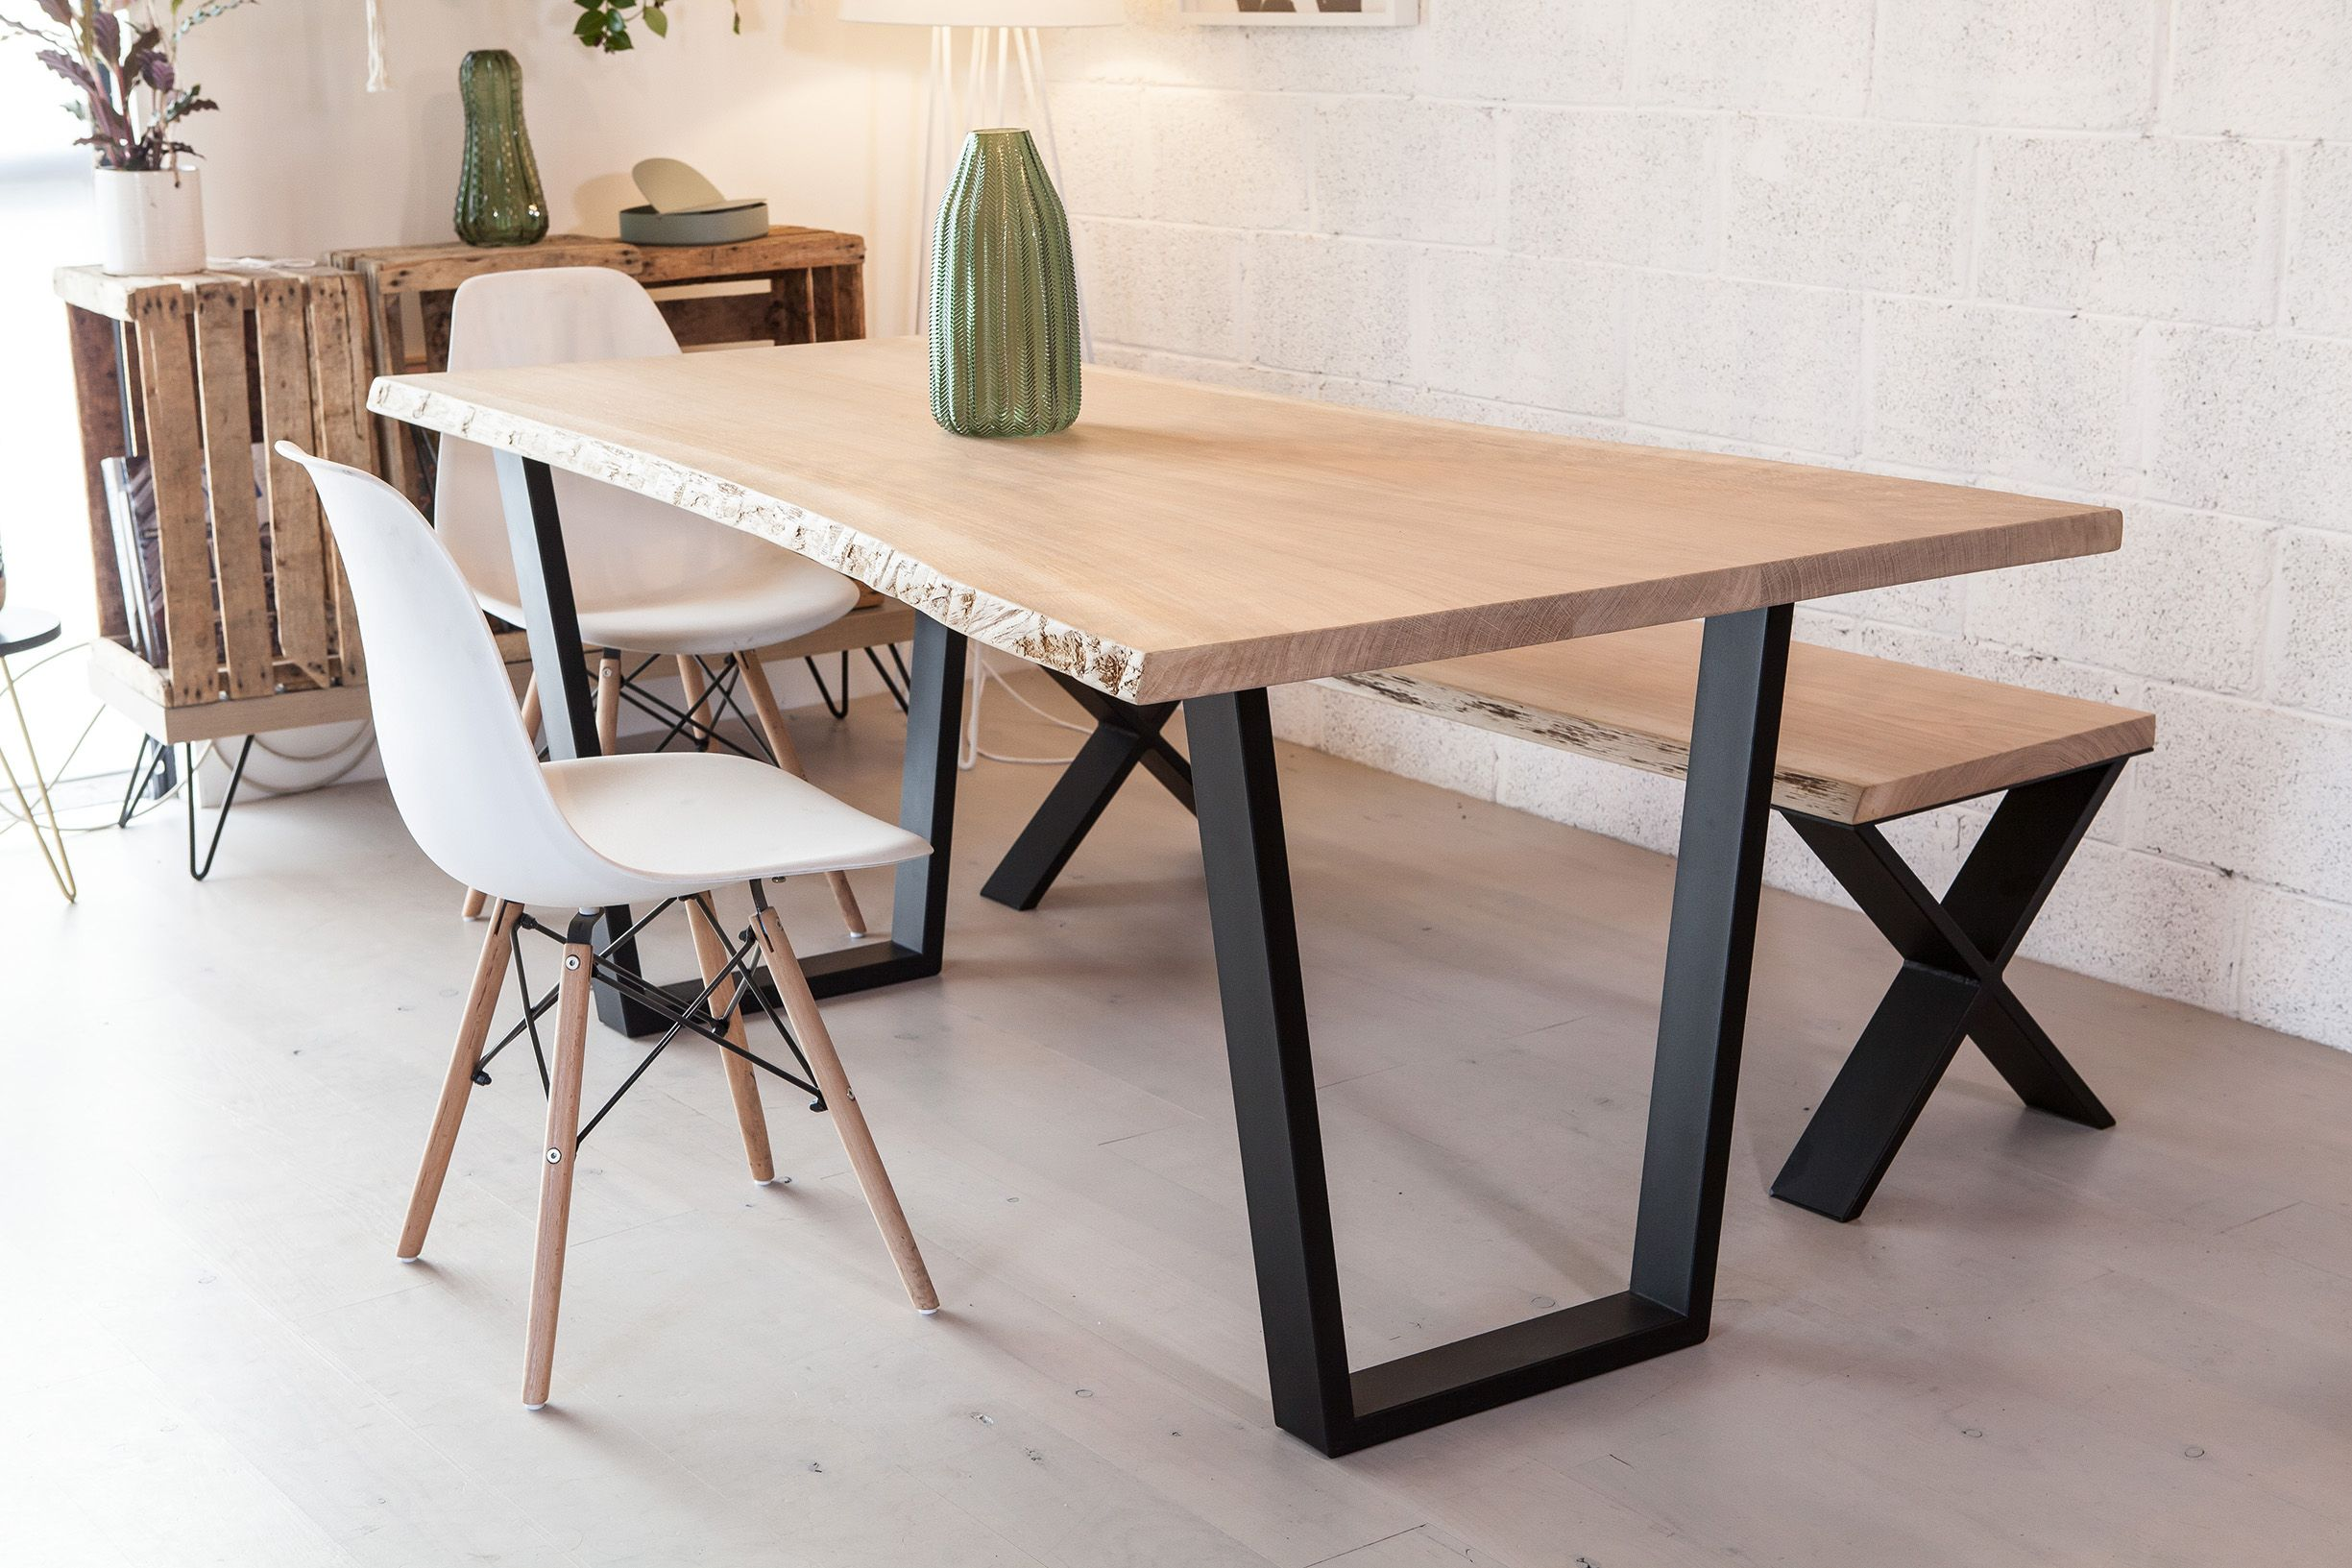 Pied De Table 71cm Trapeze La Fabrique Des Pieds La Fabrique Des Pieds Pieds De Table Table A Manger Industriel